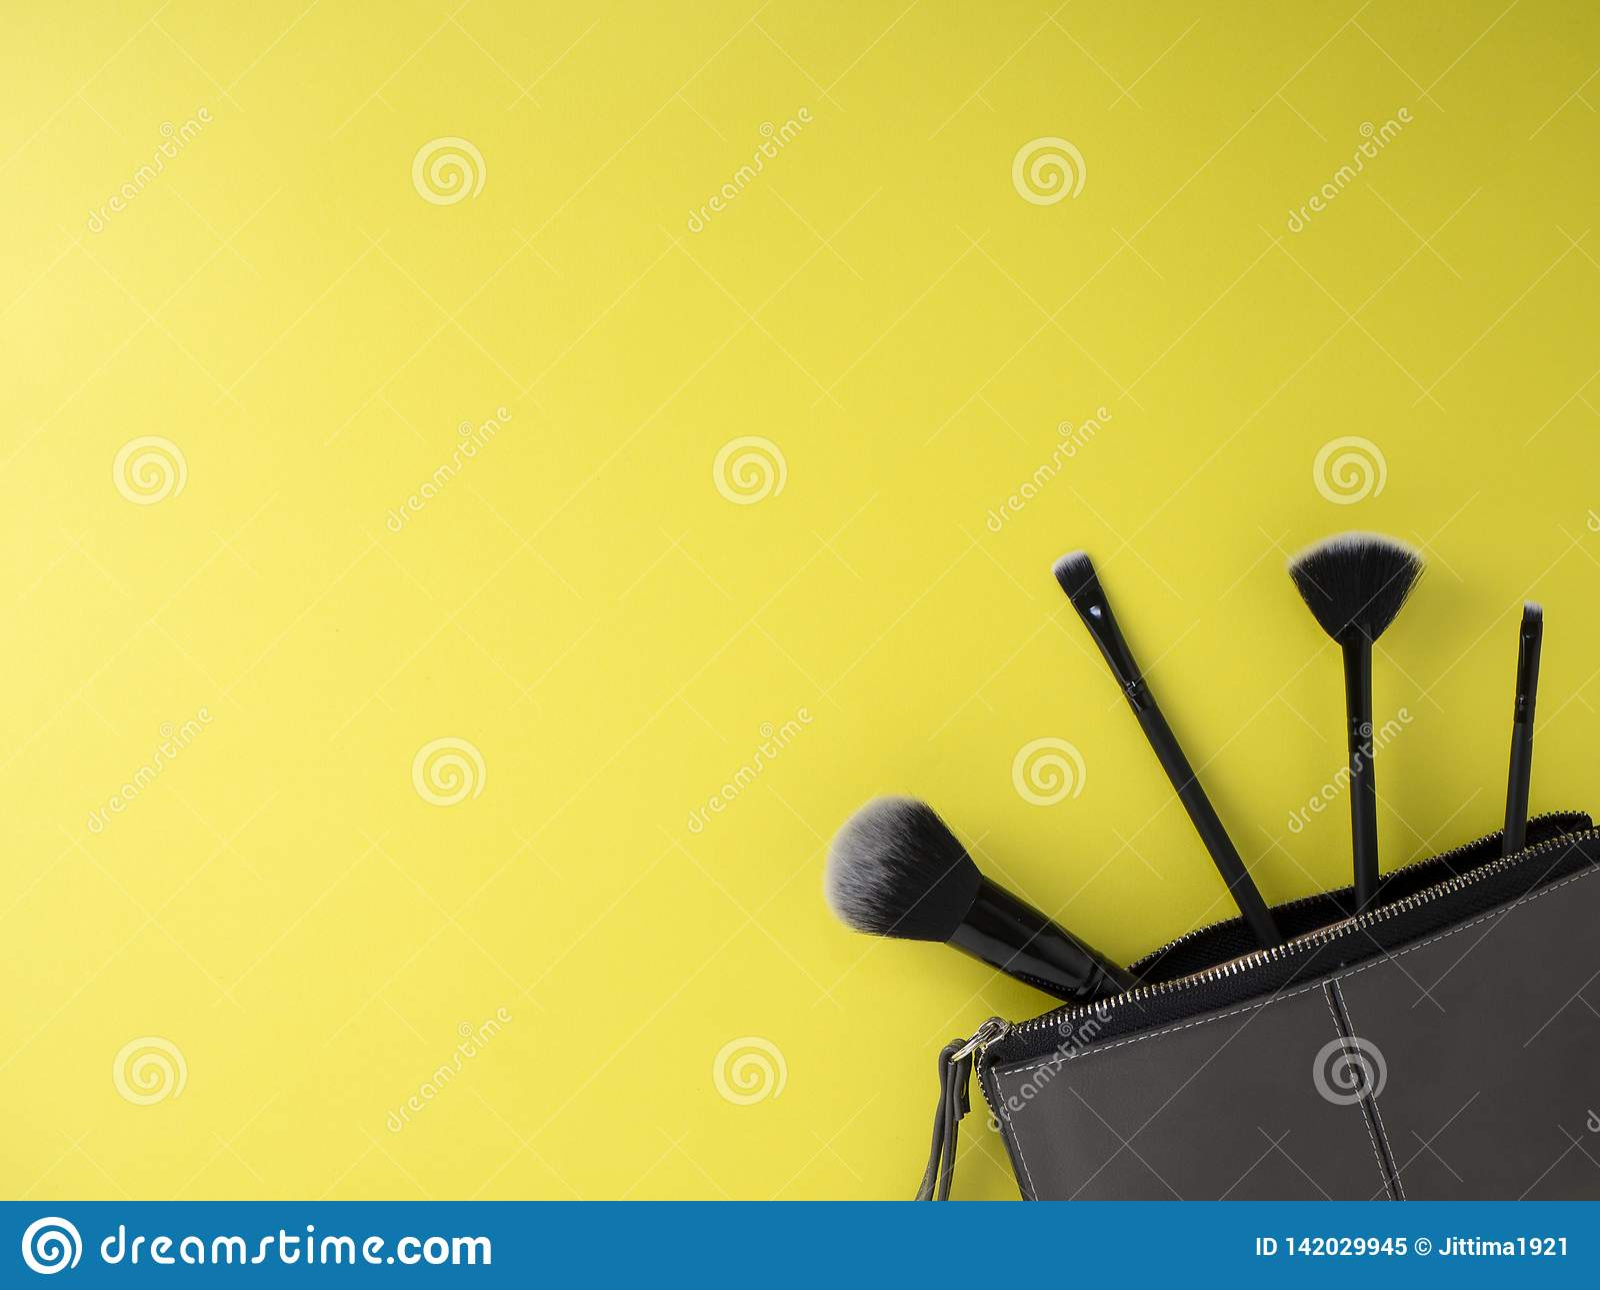 Bolso con los cepillos del maquillaje, cosméticos, fondo amarillo